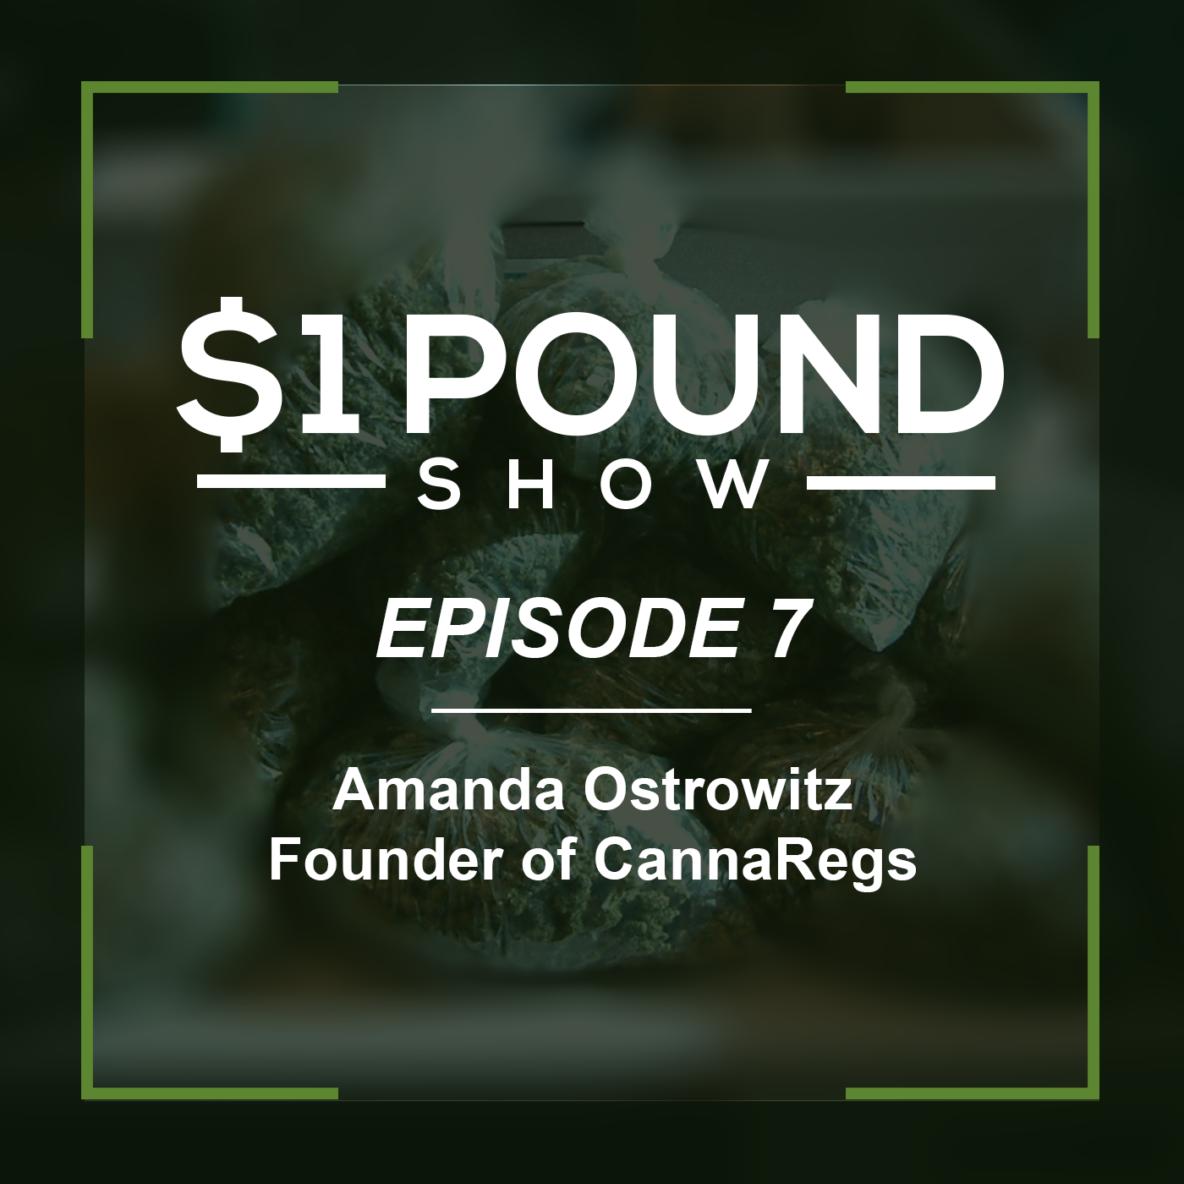 $1 pound show episode 7